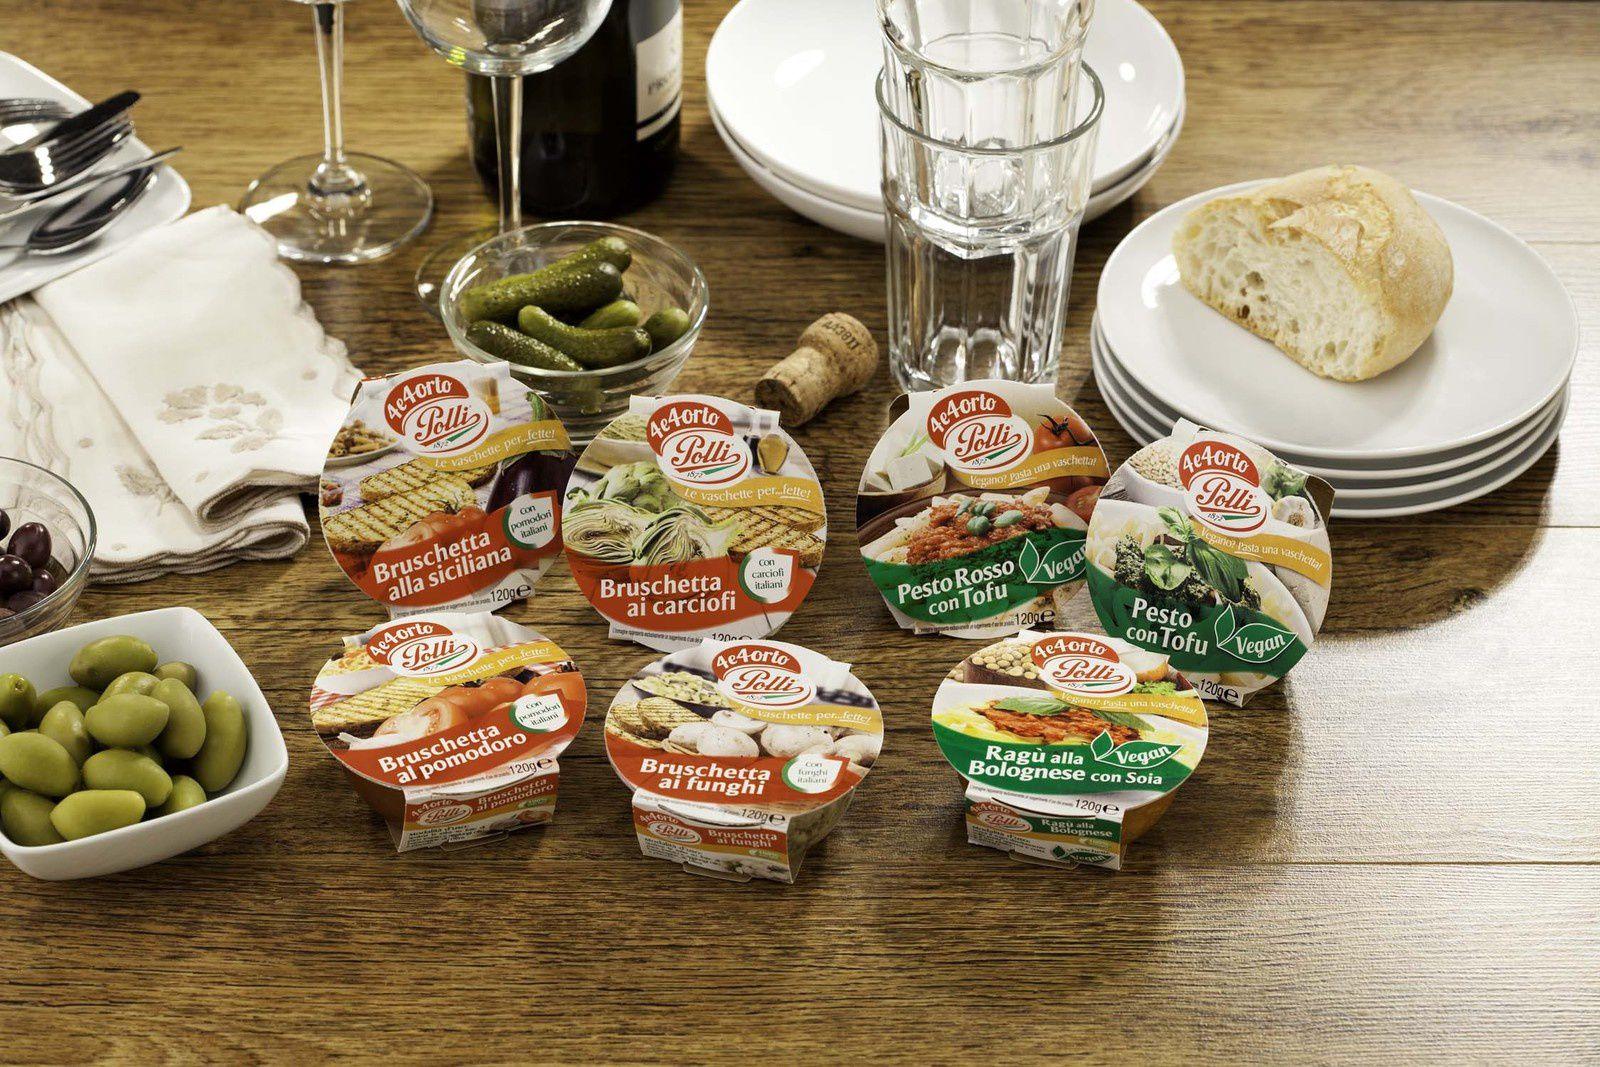 Salse, sughi e bruschette Polli tradizione in tavola a Natale